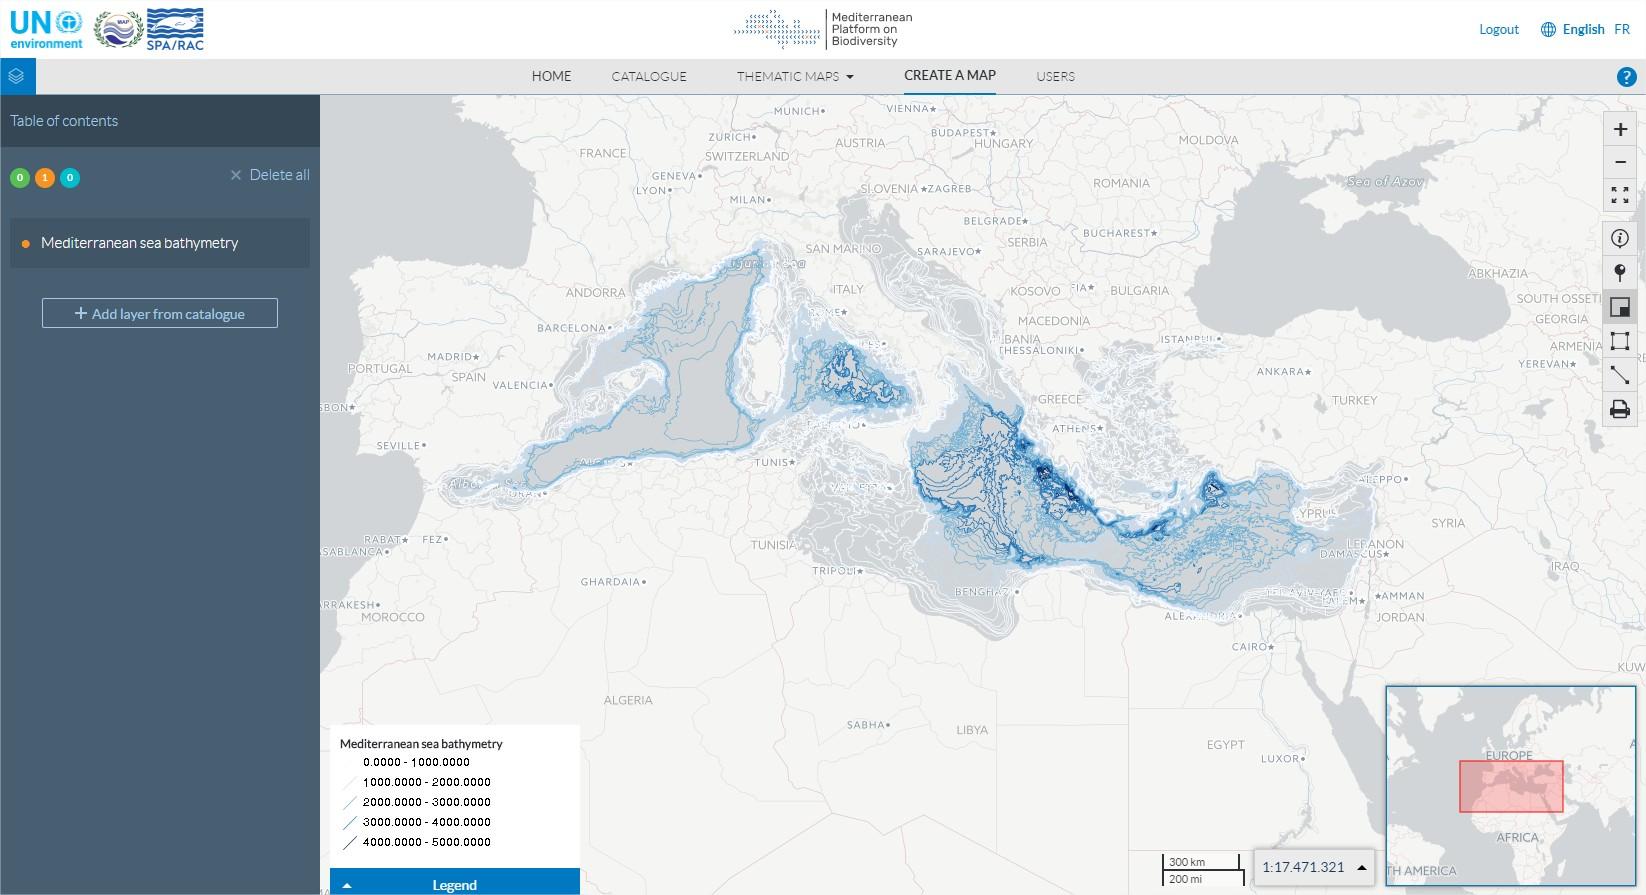 Mediterranean Platform on Biodiversity